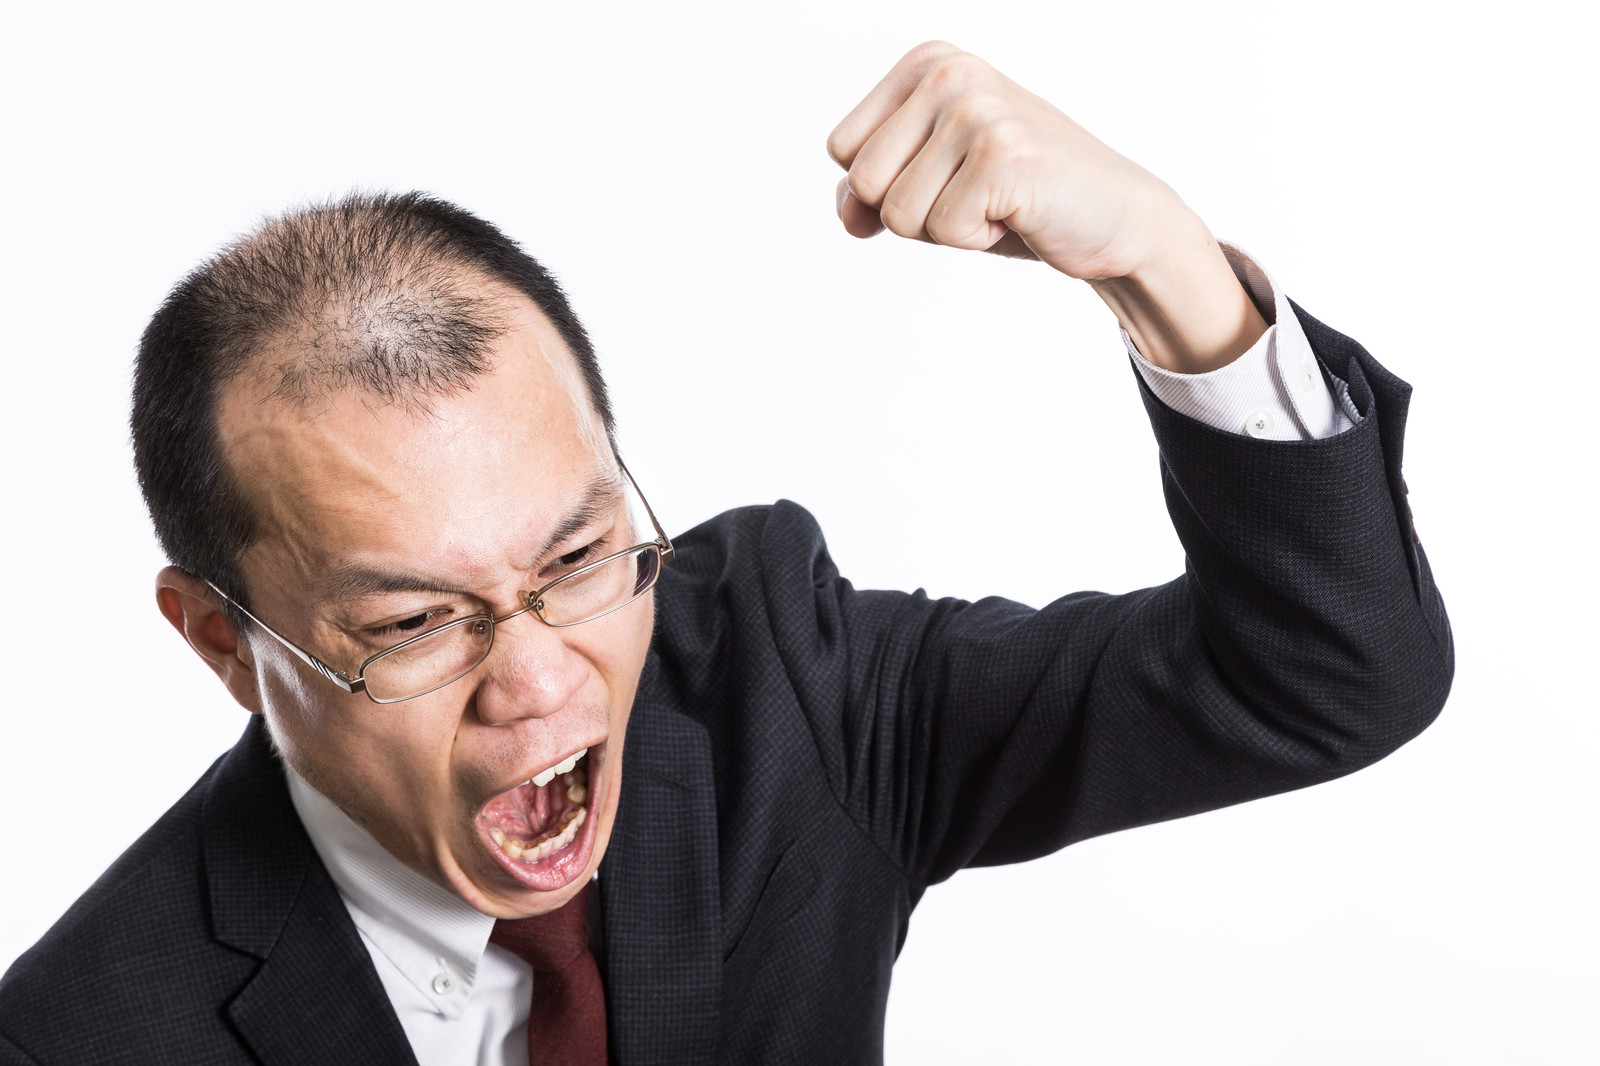 「怒鳴り散らしてこぶしを振り上げるハゲリーマン怒鳴り散らしてこぶしを振り上げるハゲリーマン」[モデル:サンライズ鈴木]のフリー写真素材を拡大